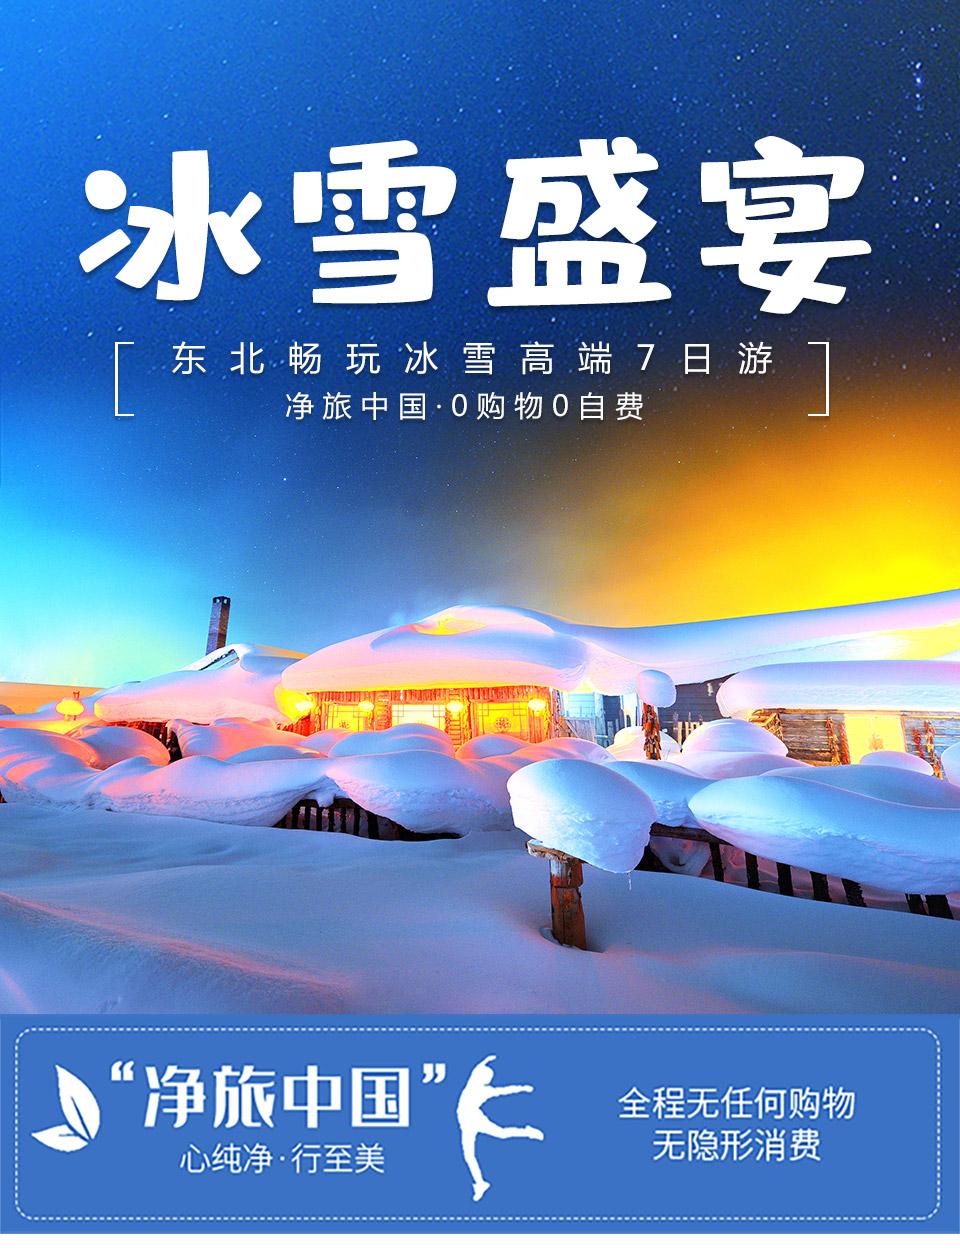 亚布力滑雪跟团游_长白山旅游服务跟团游-牡丹江狼图腾国际旅游集团有限公司